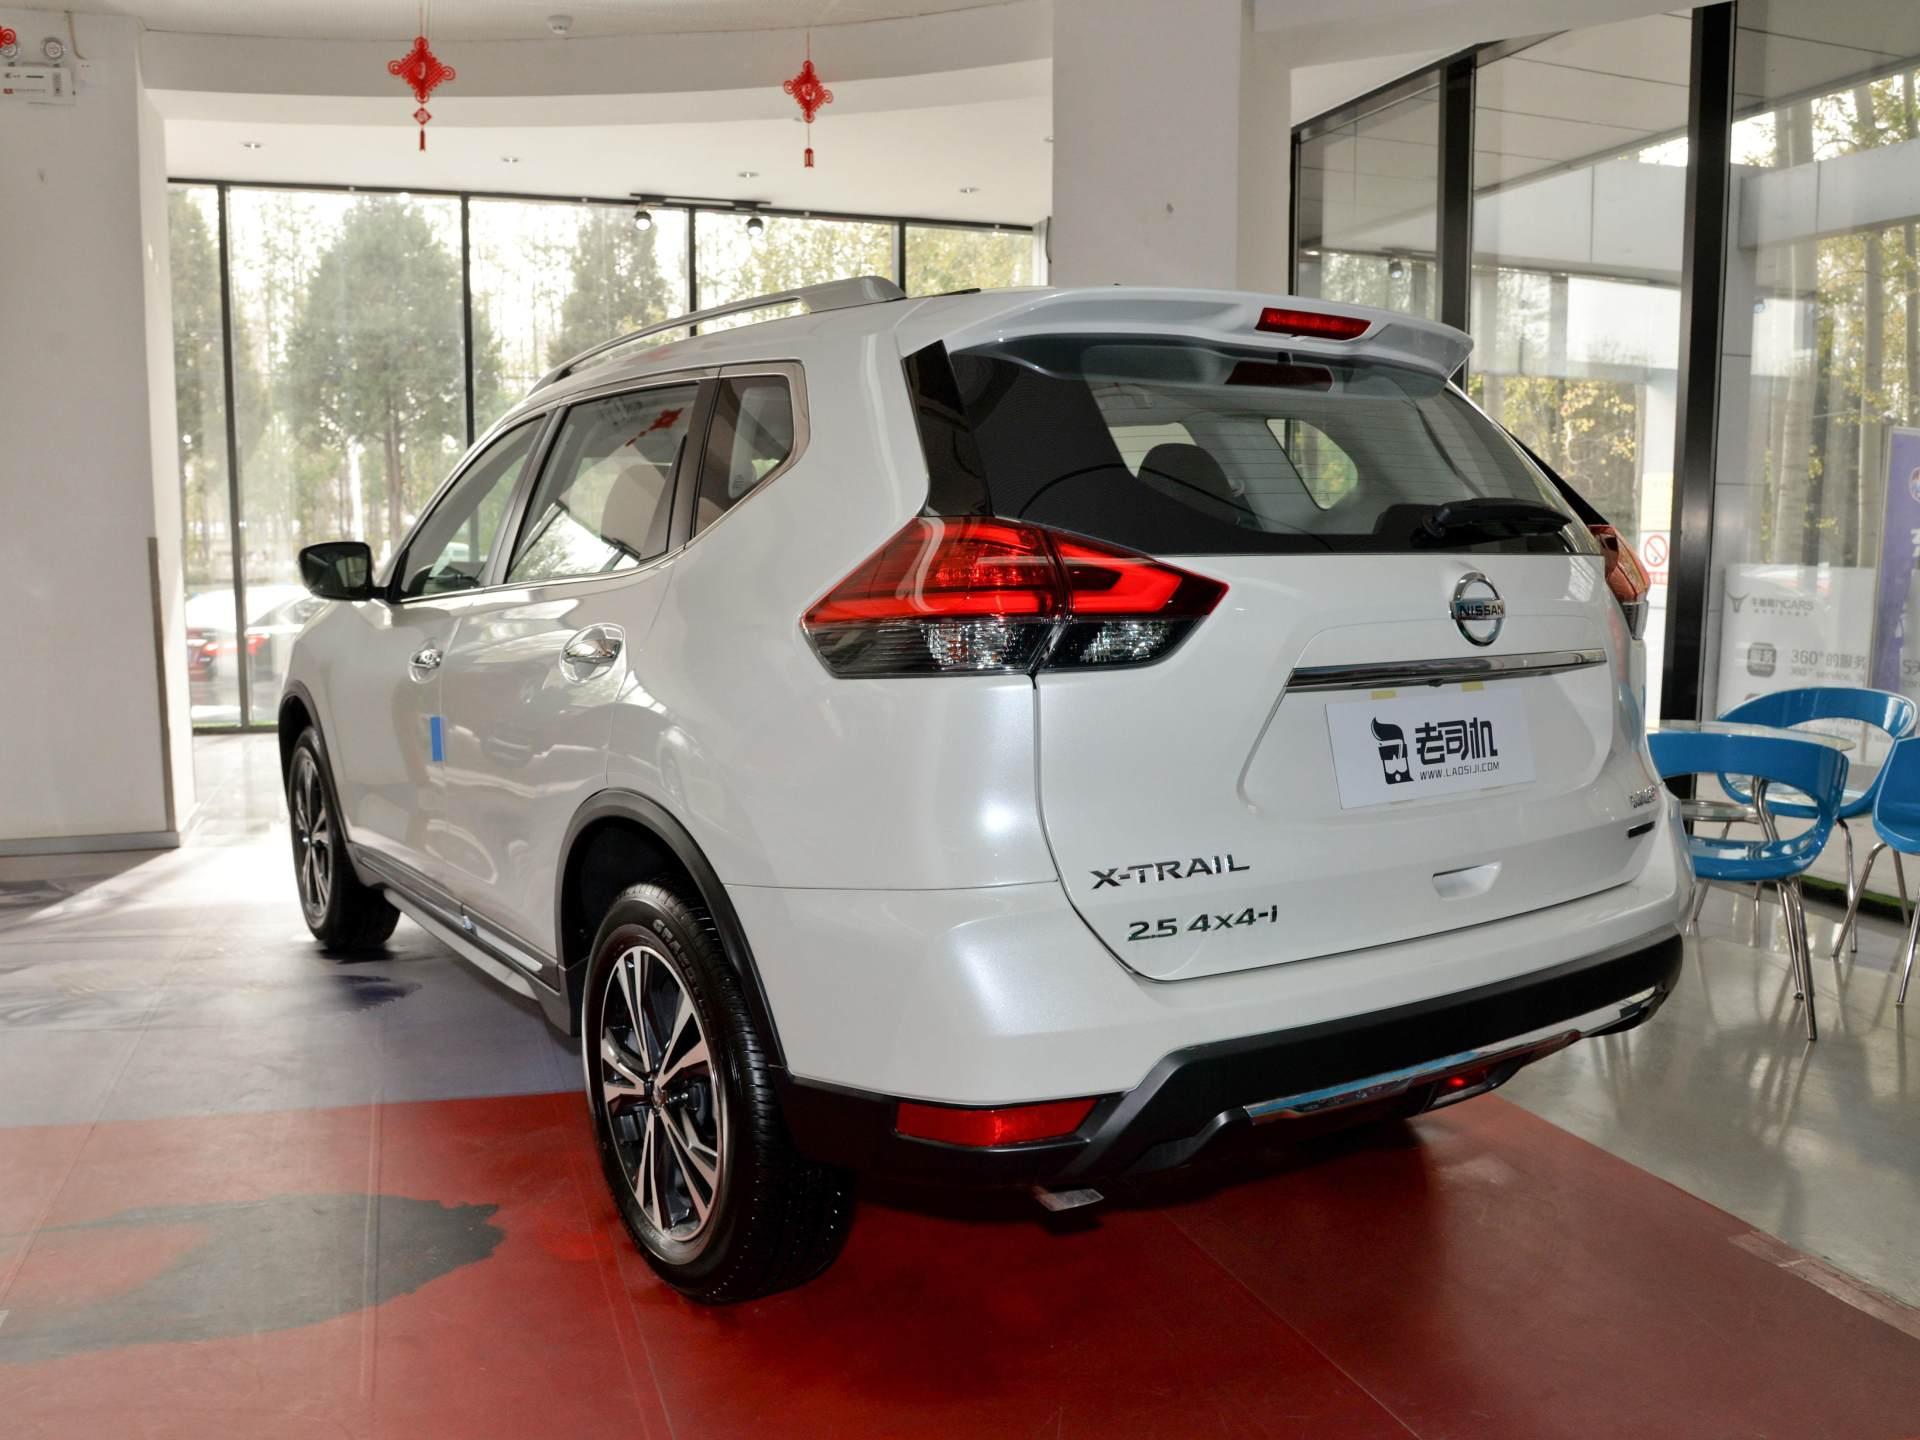 日產不敢賣高價瞭,主力SUV破20萬大關,大空間+沙發座椅不輸CRV-圖3